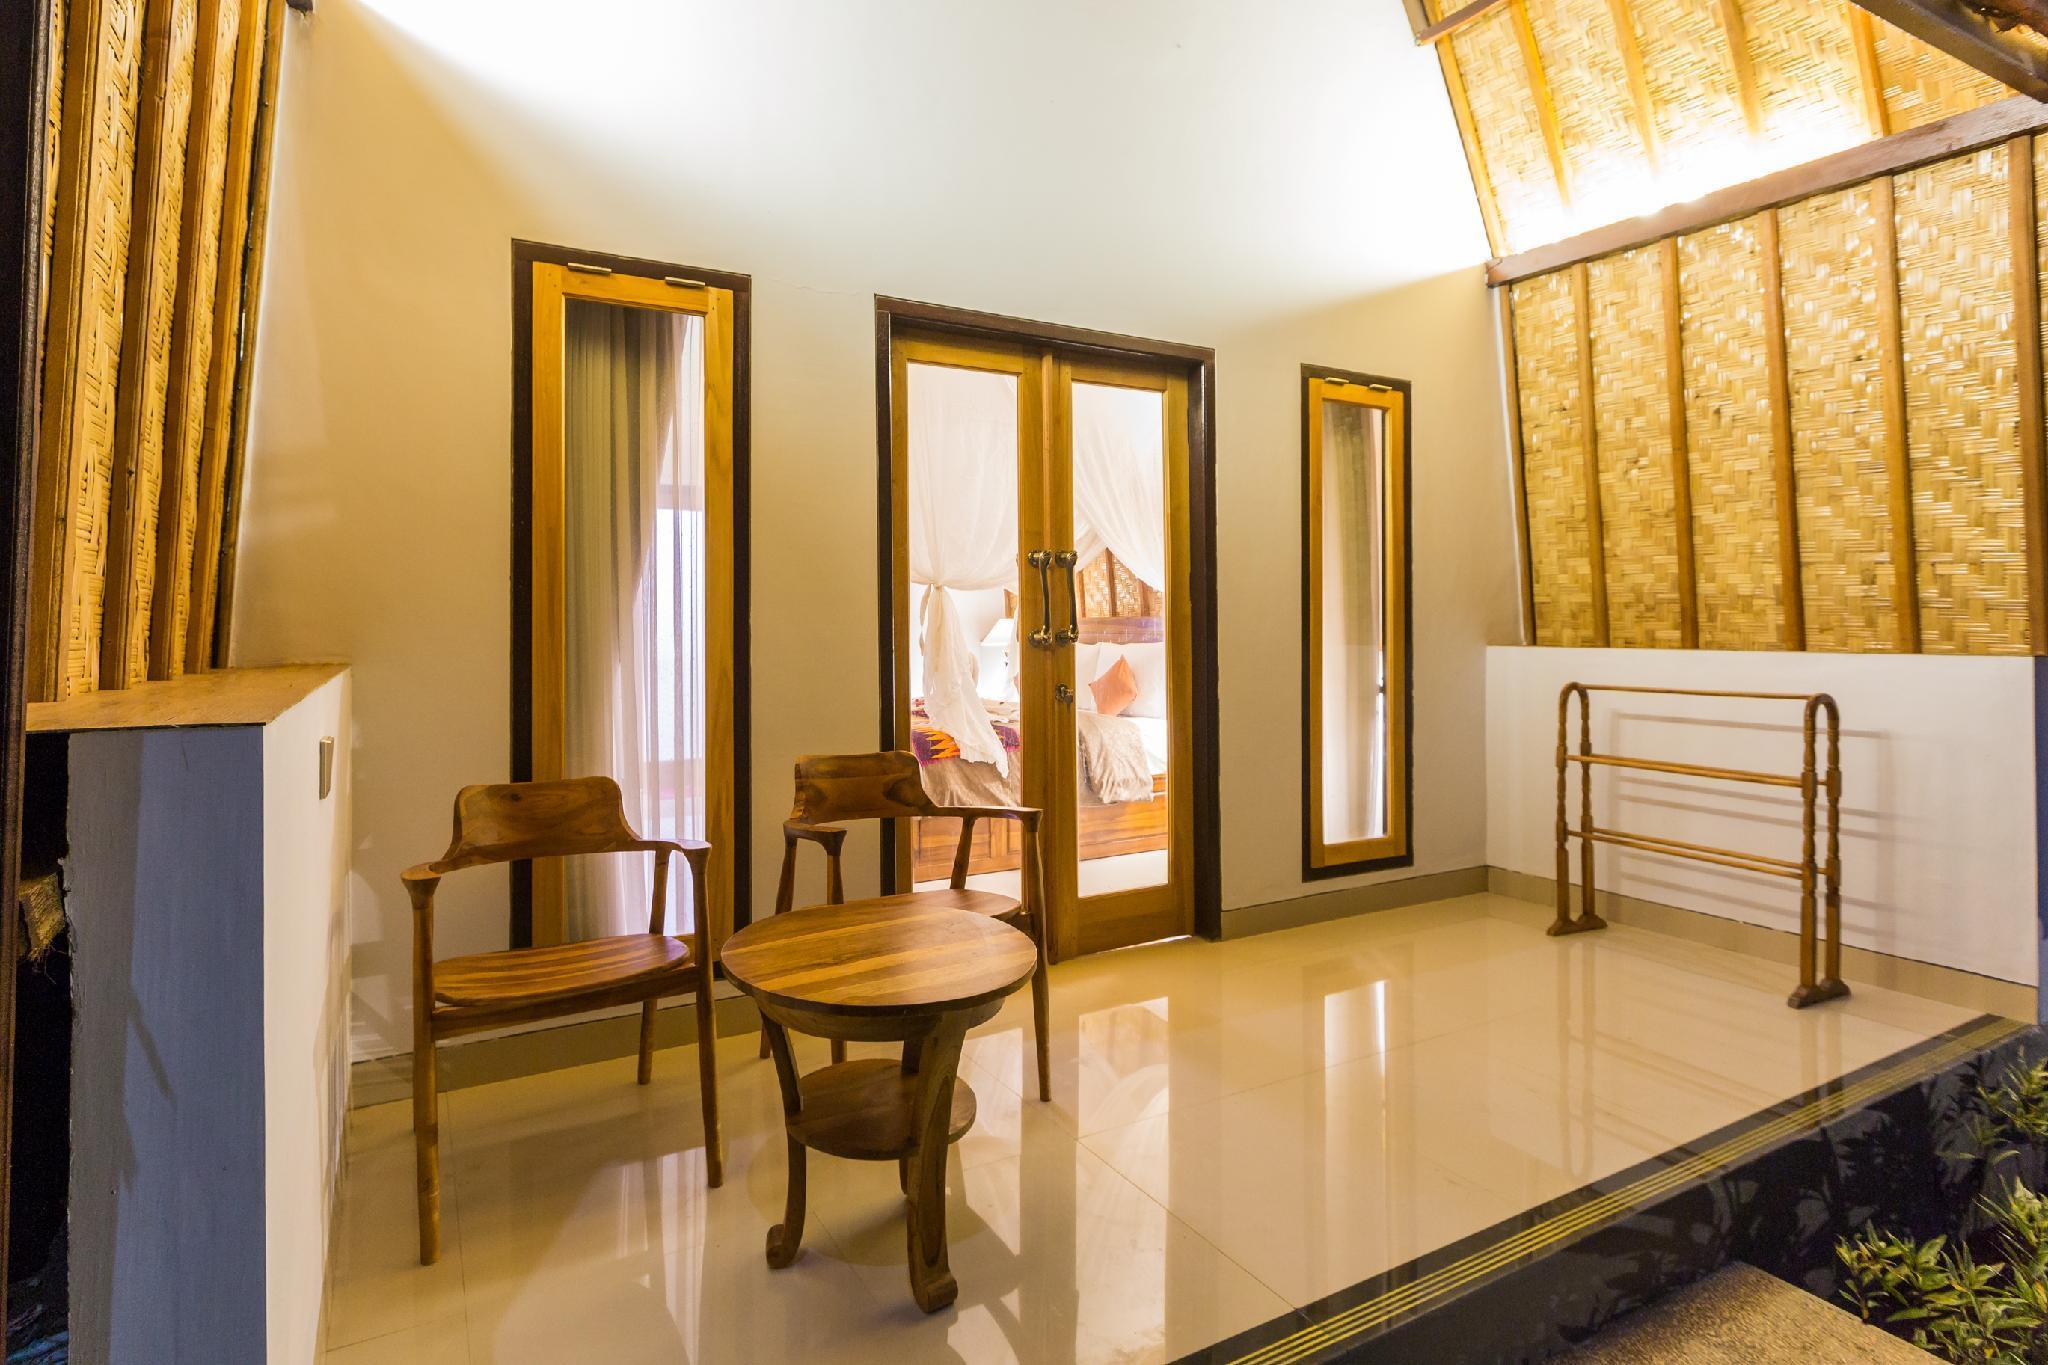 Bintang Penida Resort, Klungkung